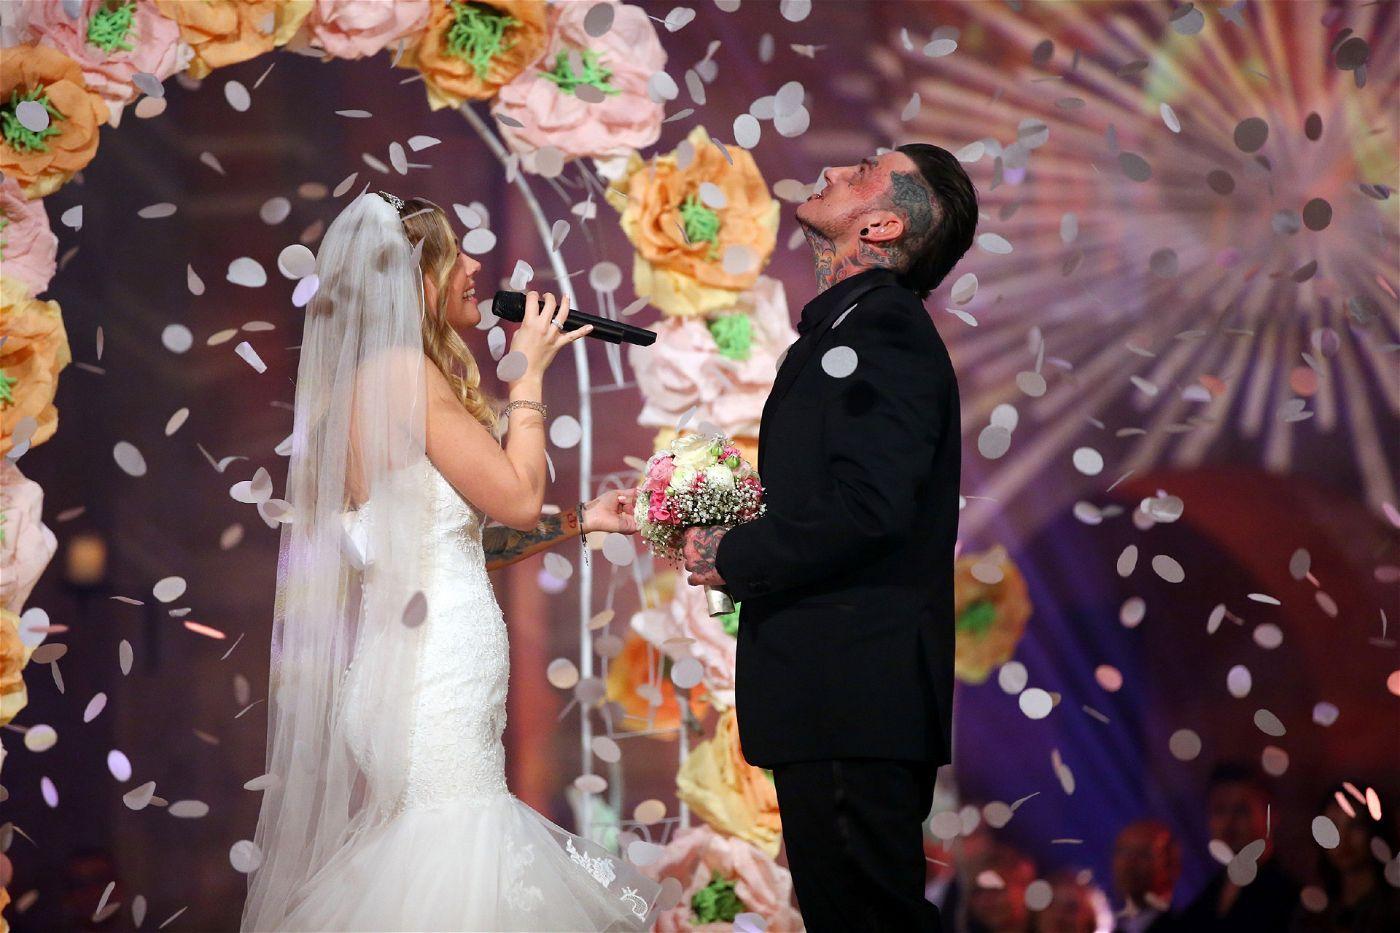 Zur Hochzeit gab es dann auch gleich den passenden Auftritt.